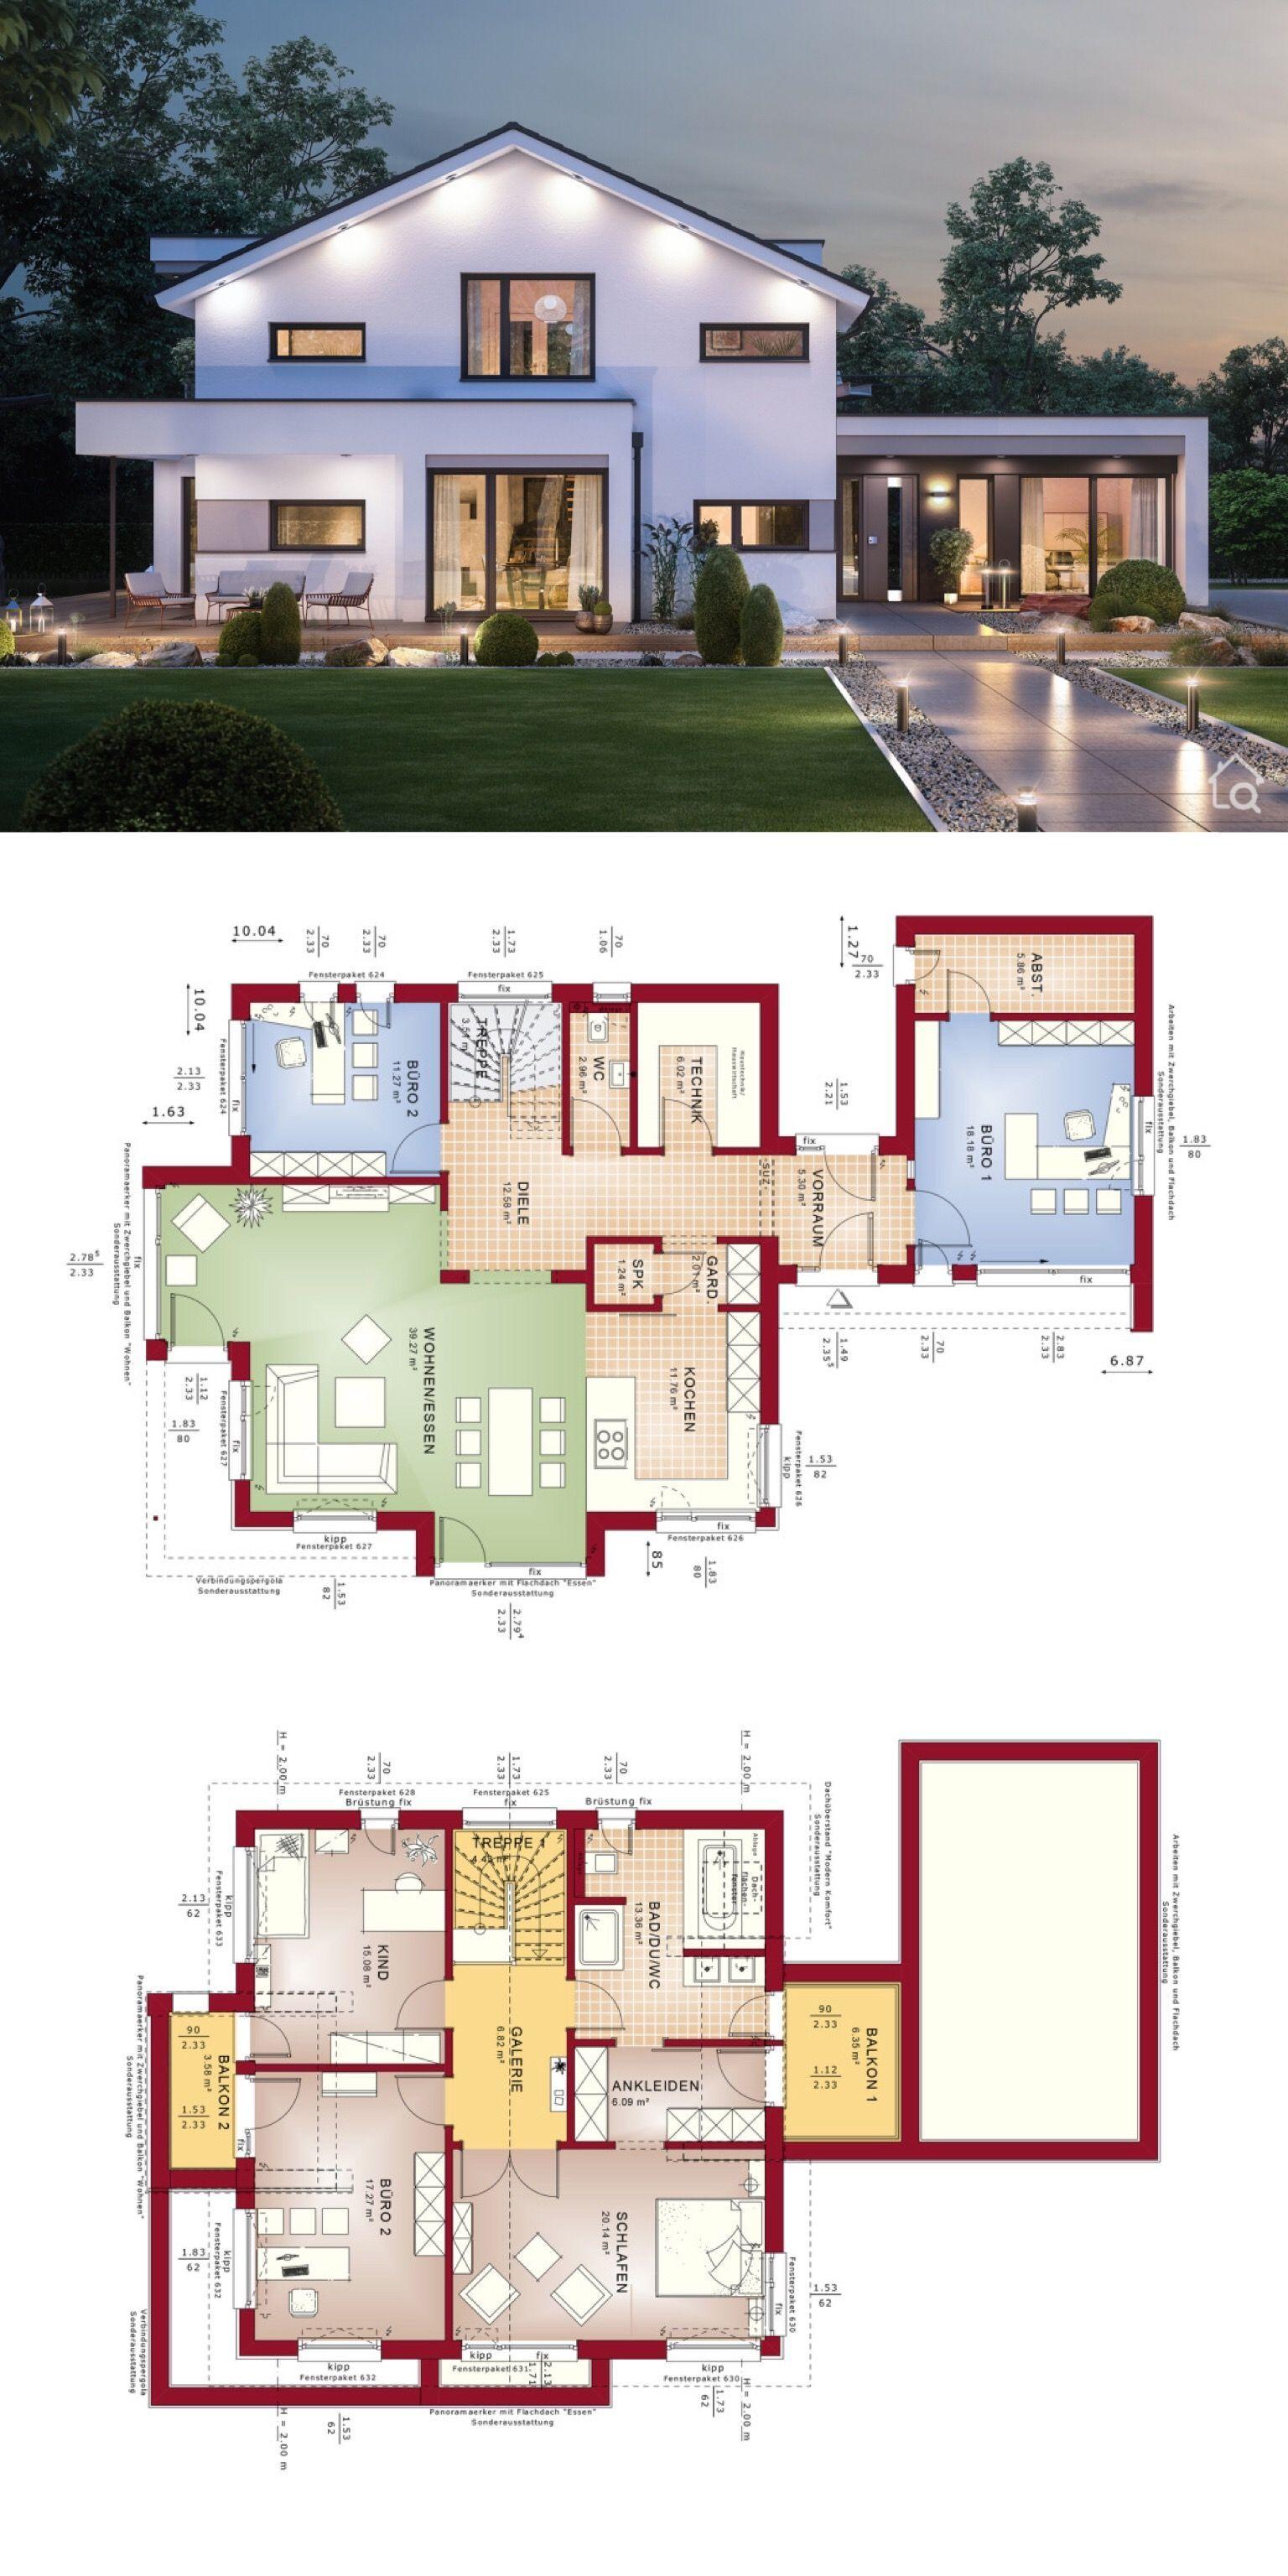 Fertighaus modern mit Satteldach & 5 Zimmer Grundriss